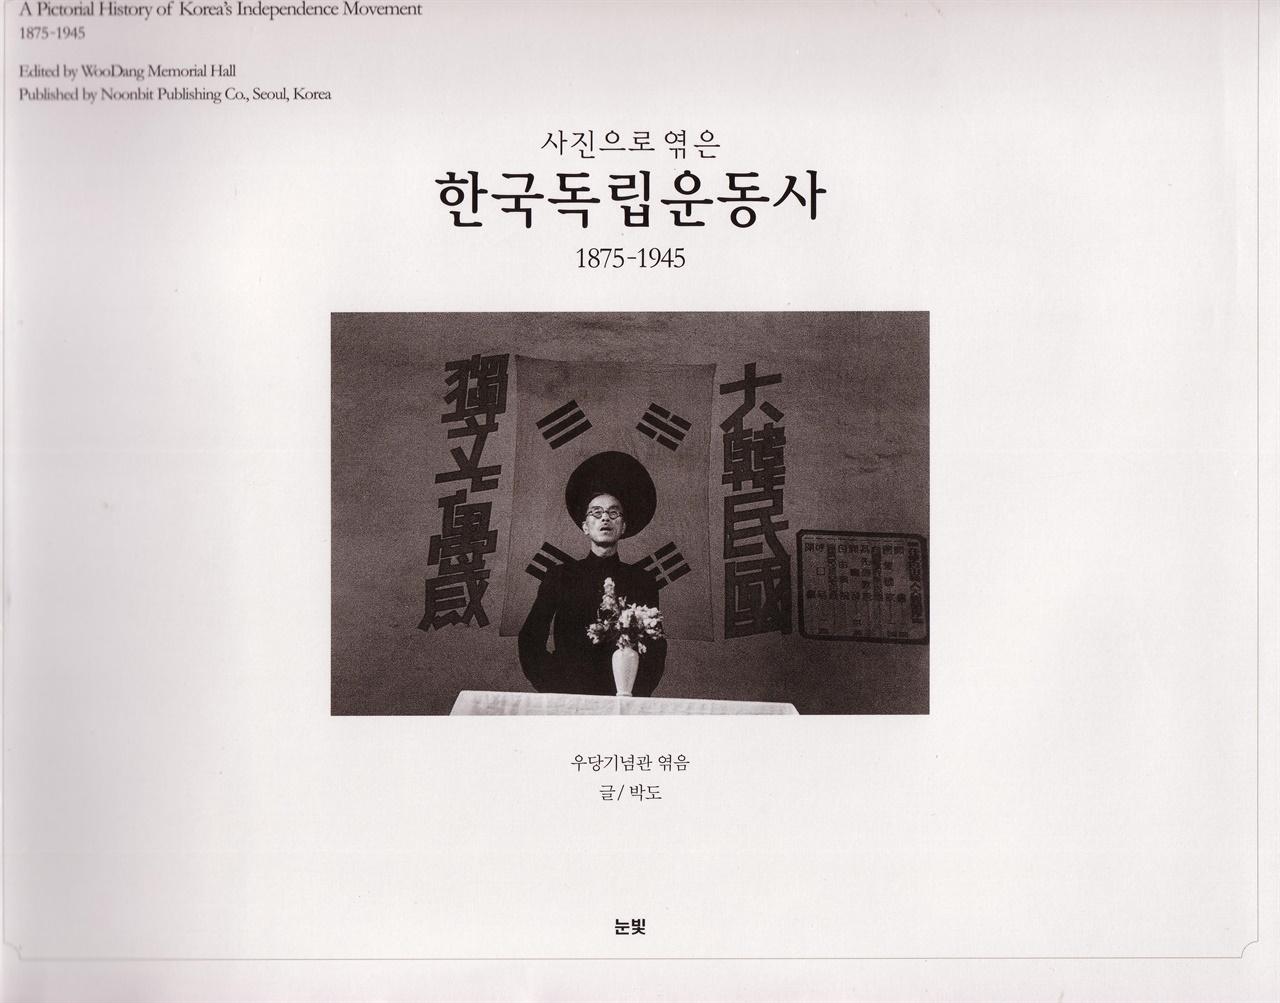 <한국 독립운동사> 표지